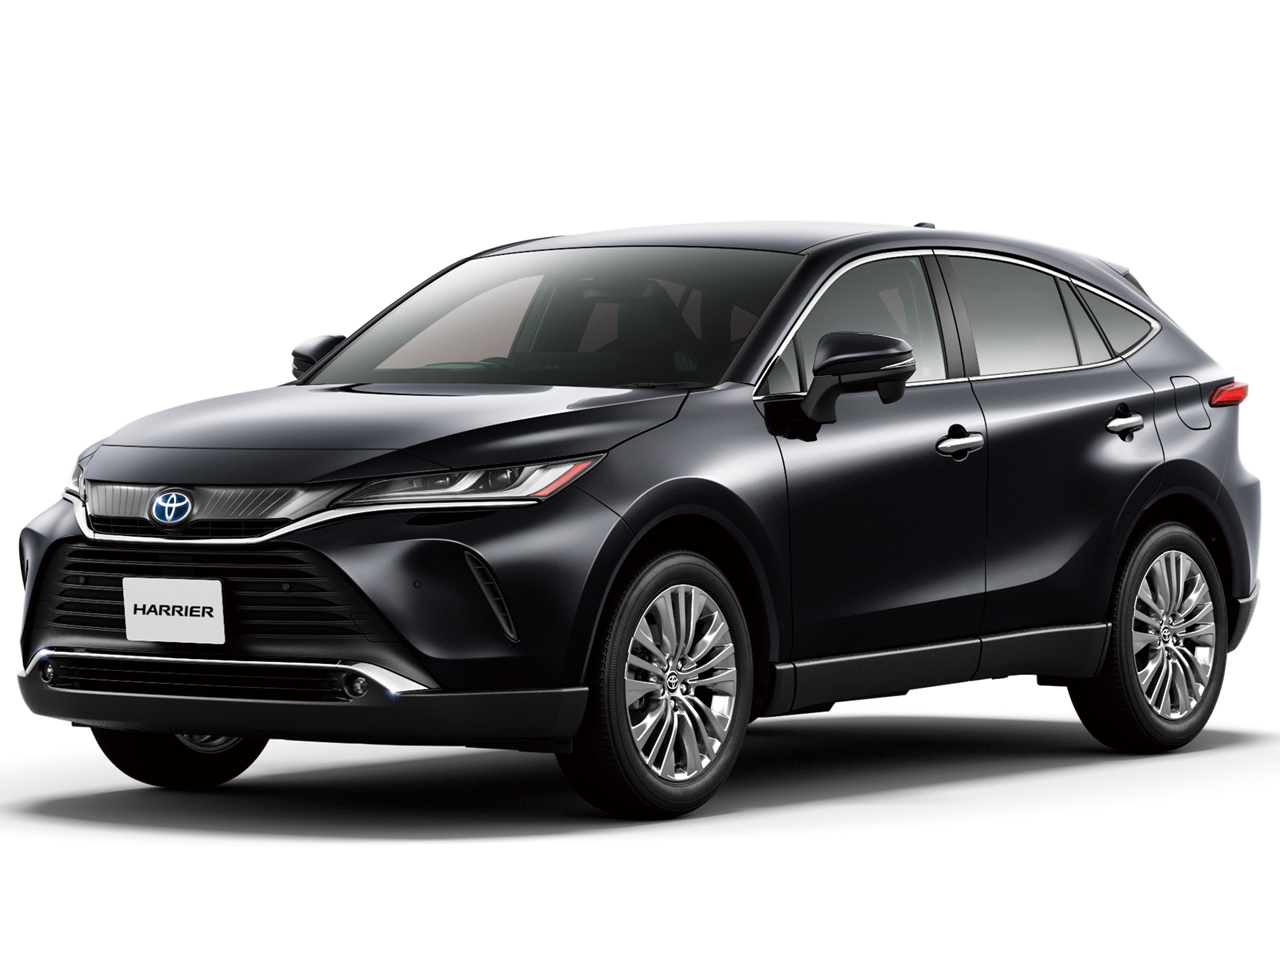 トヨタ ハリアー ハイブリッド 2020年モデル 新車画像